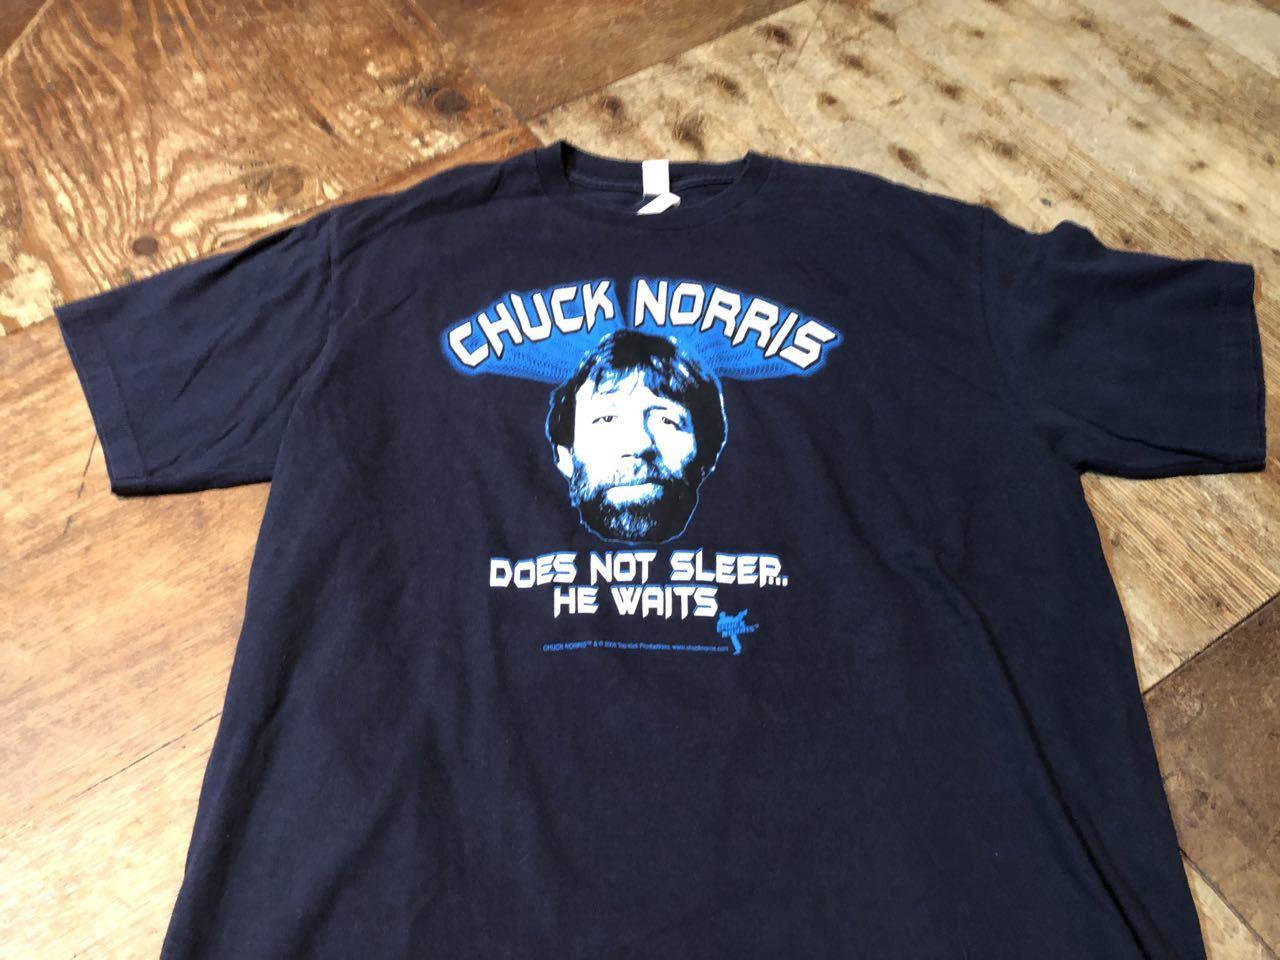 CHUCK NORRIS  チャックノリス Tシャツ!_c0144020_14005868.jpg